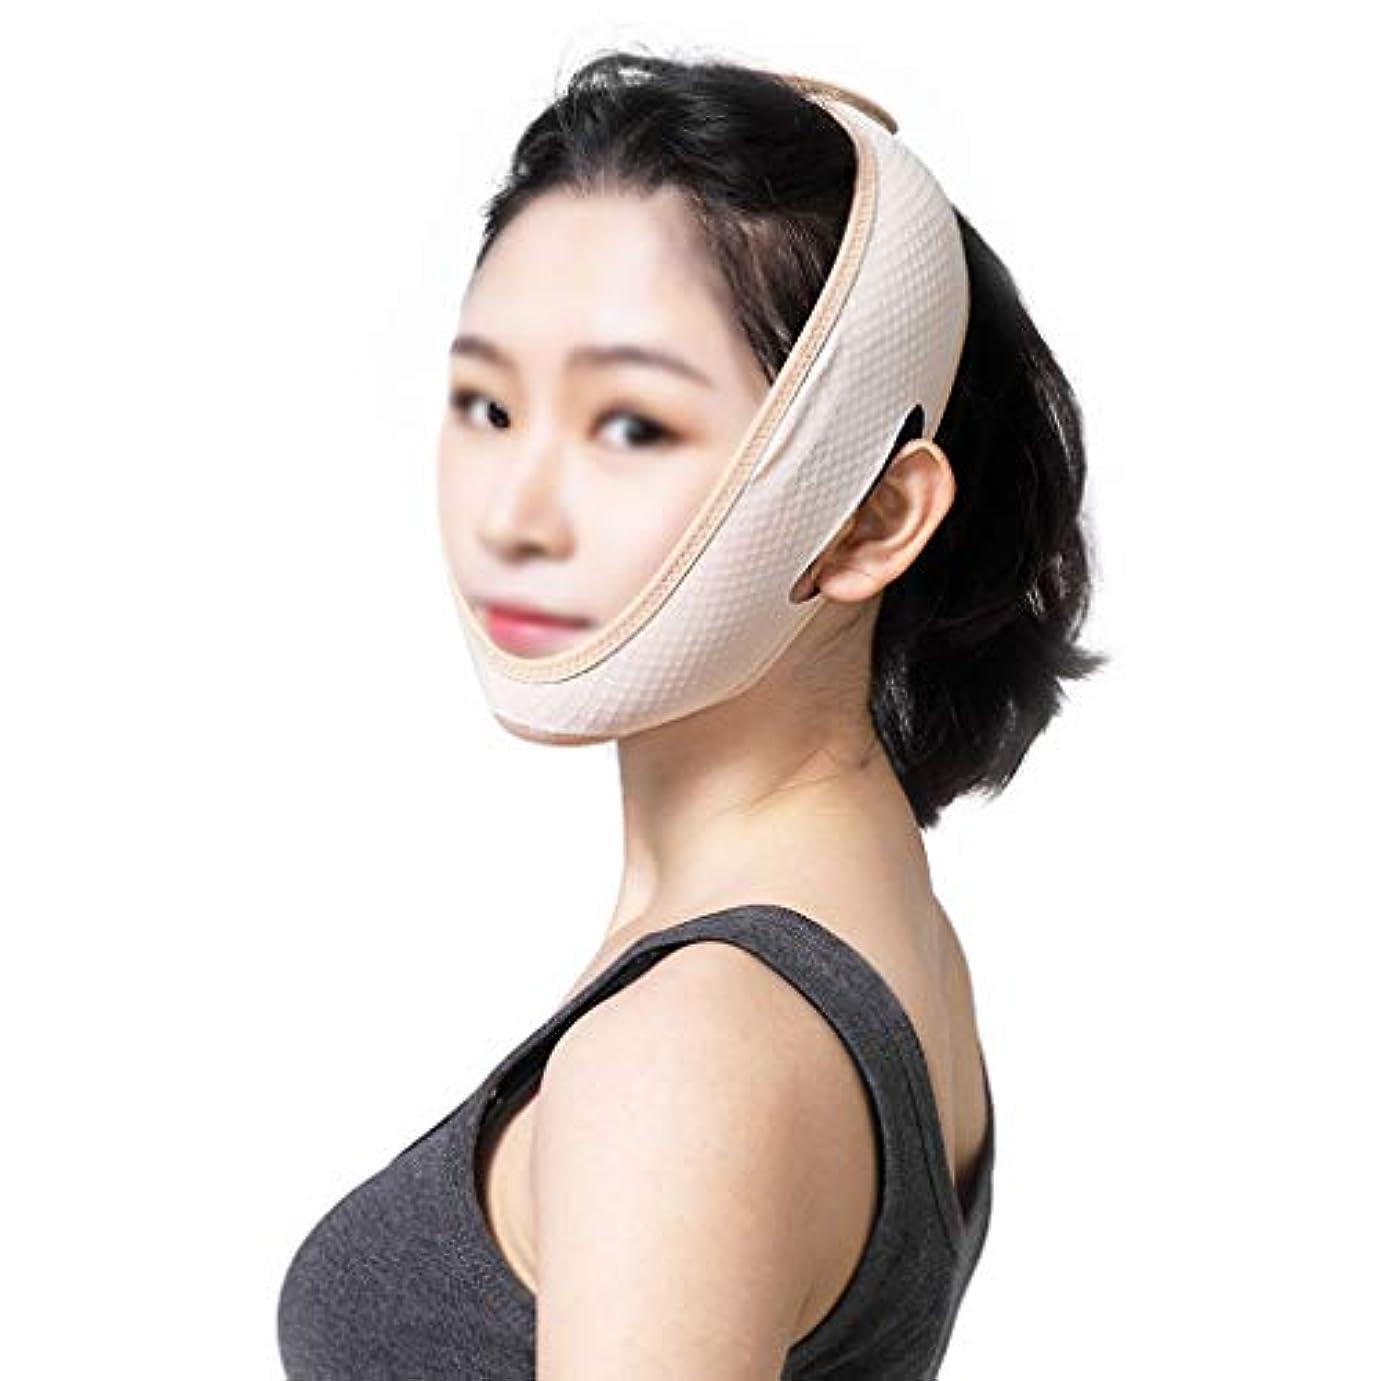 統合漏斗討論TLMY 顔面リフティング包帯術後回復マスクリフティング包帯薄い顔アーティファクトは、小さなV顔を作成する 顔用整形マスク